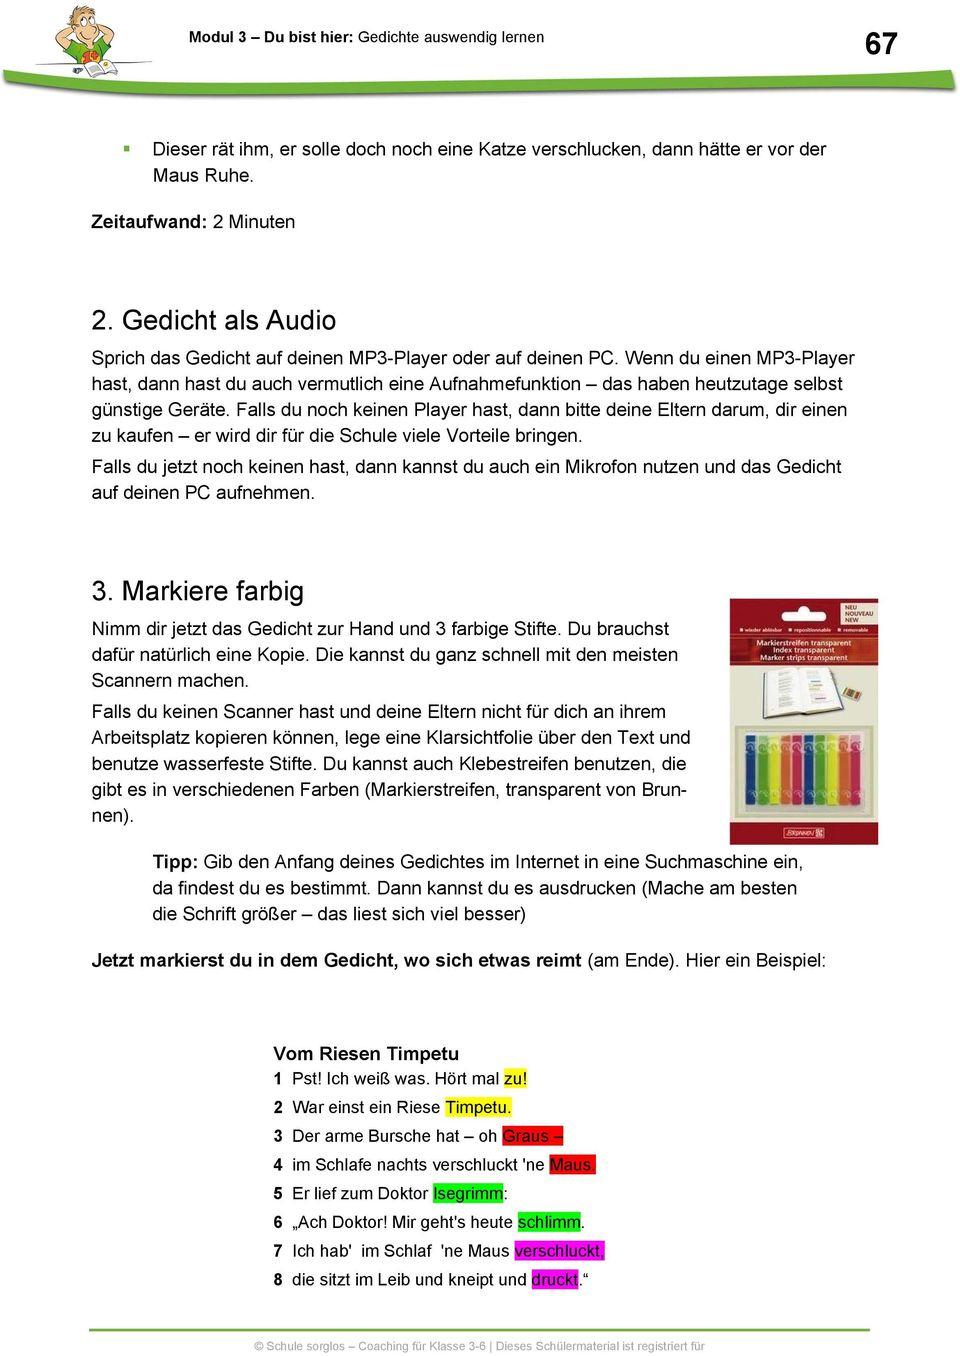 Gedichte Auswendig Lernen - Pdf Free Download mit Gedichte Zum Auswendig Lernen 5 Klasse